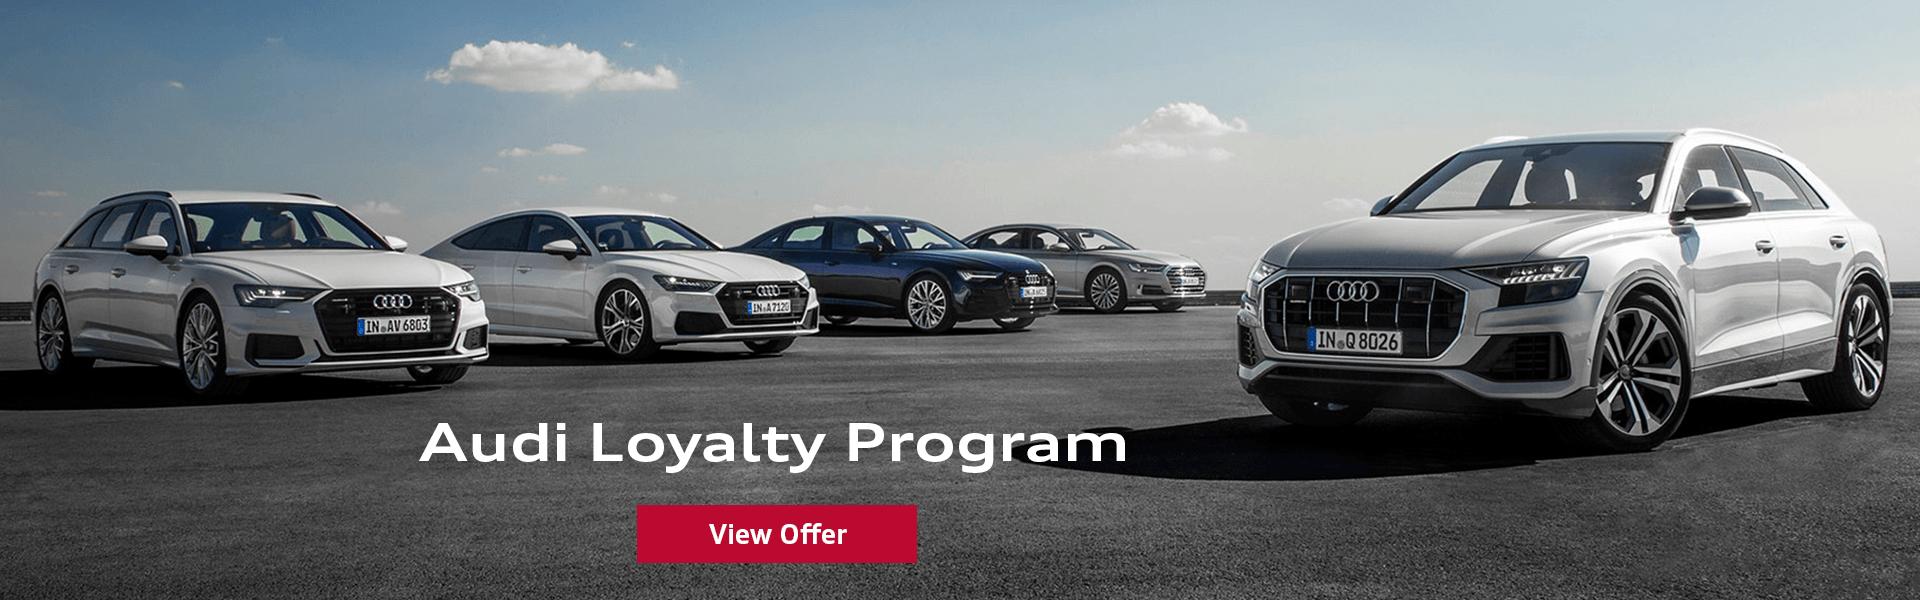 Audi Loyalty